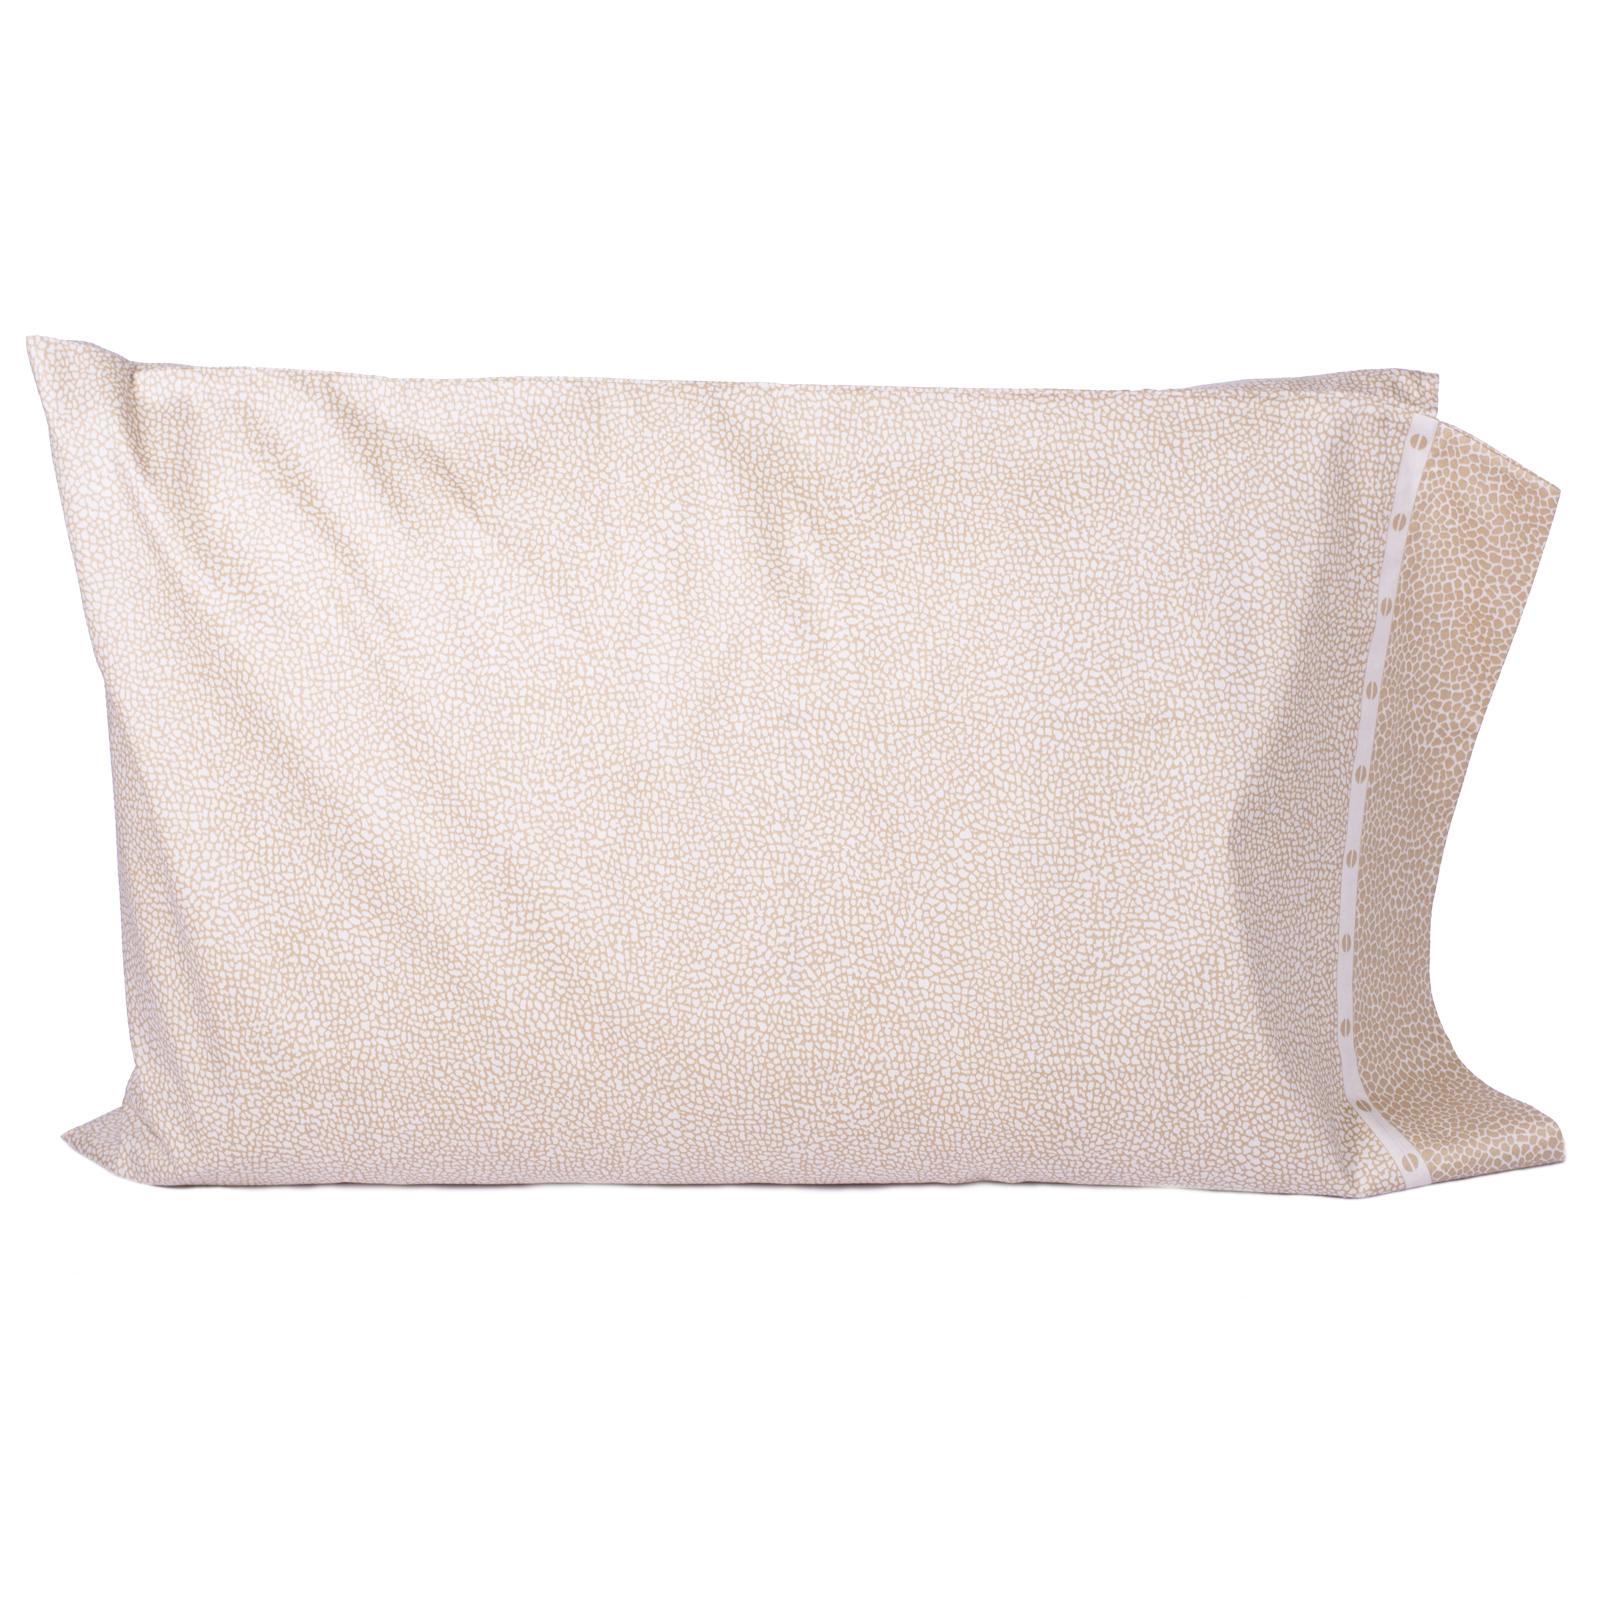 Completo lenzuola borbonese beige cose di casa un mondo di accessori per la casa - Cose di casa mondovi ...